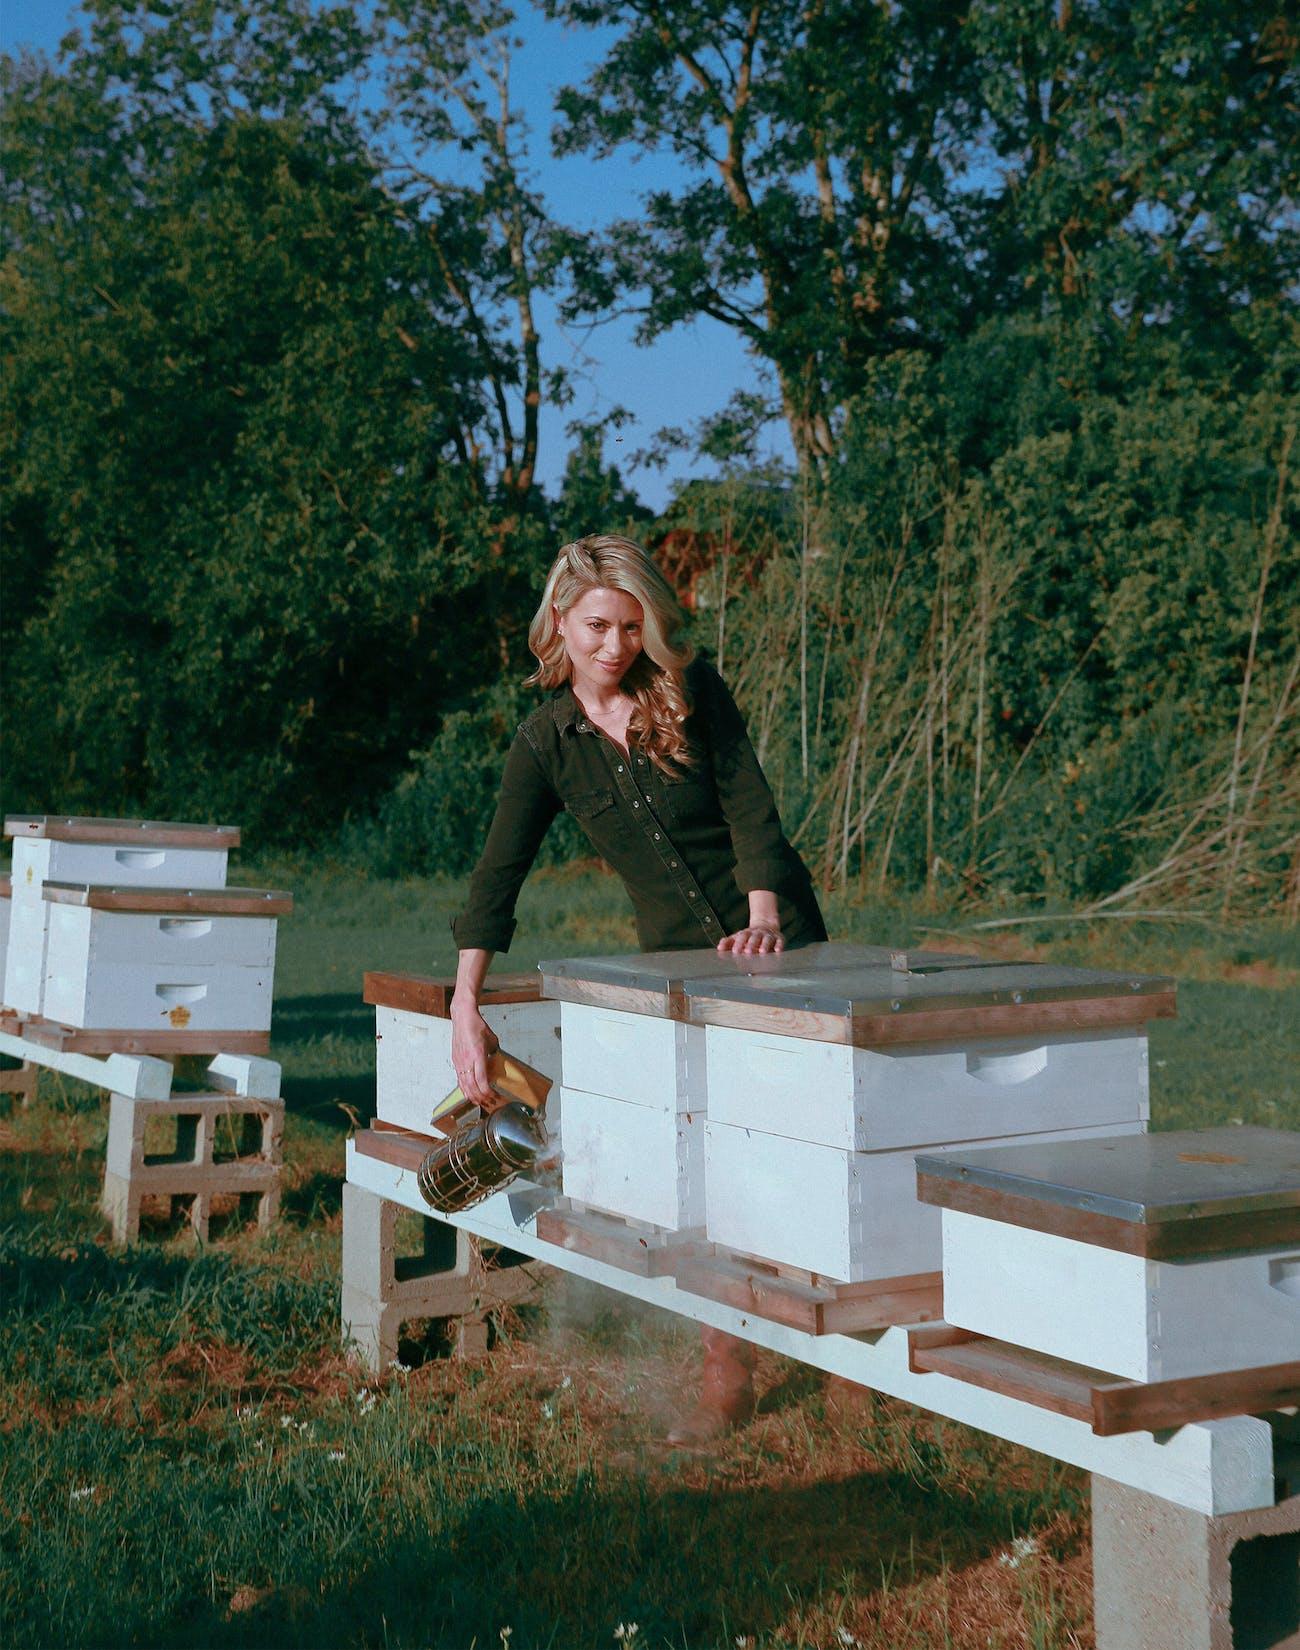 Erika Thompson tending to her bees outside her home in Elgin on September 18, 2020.